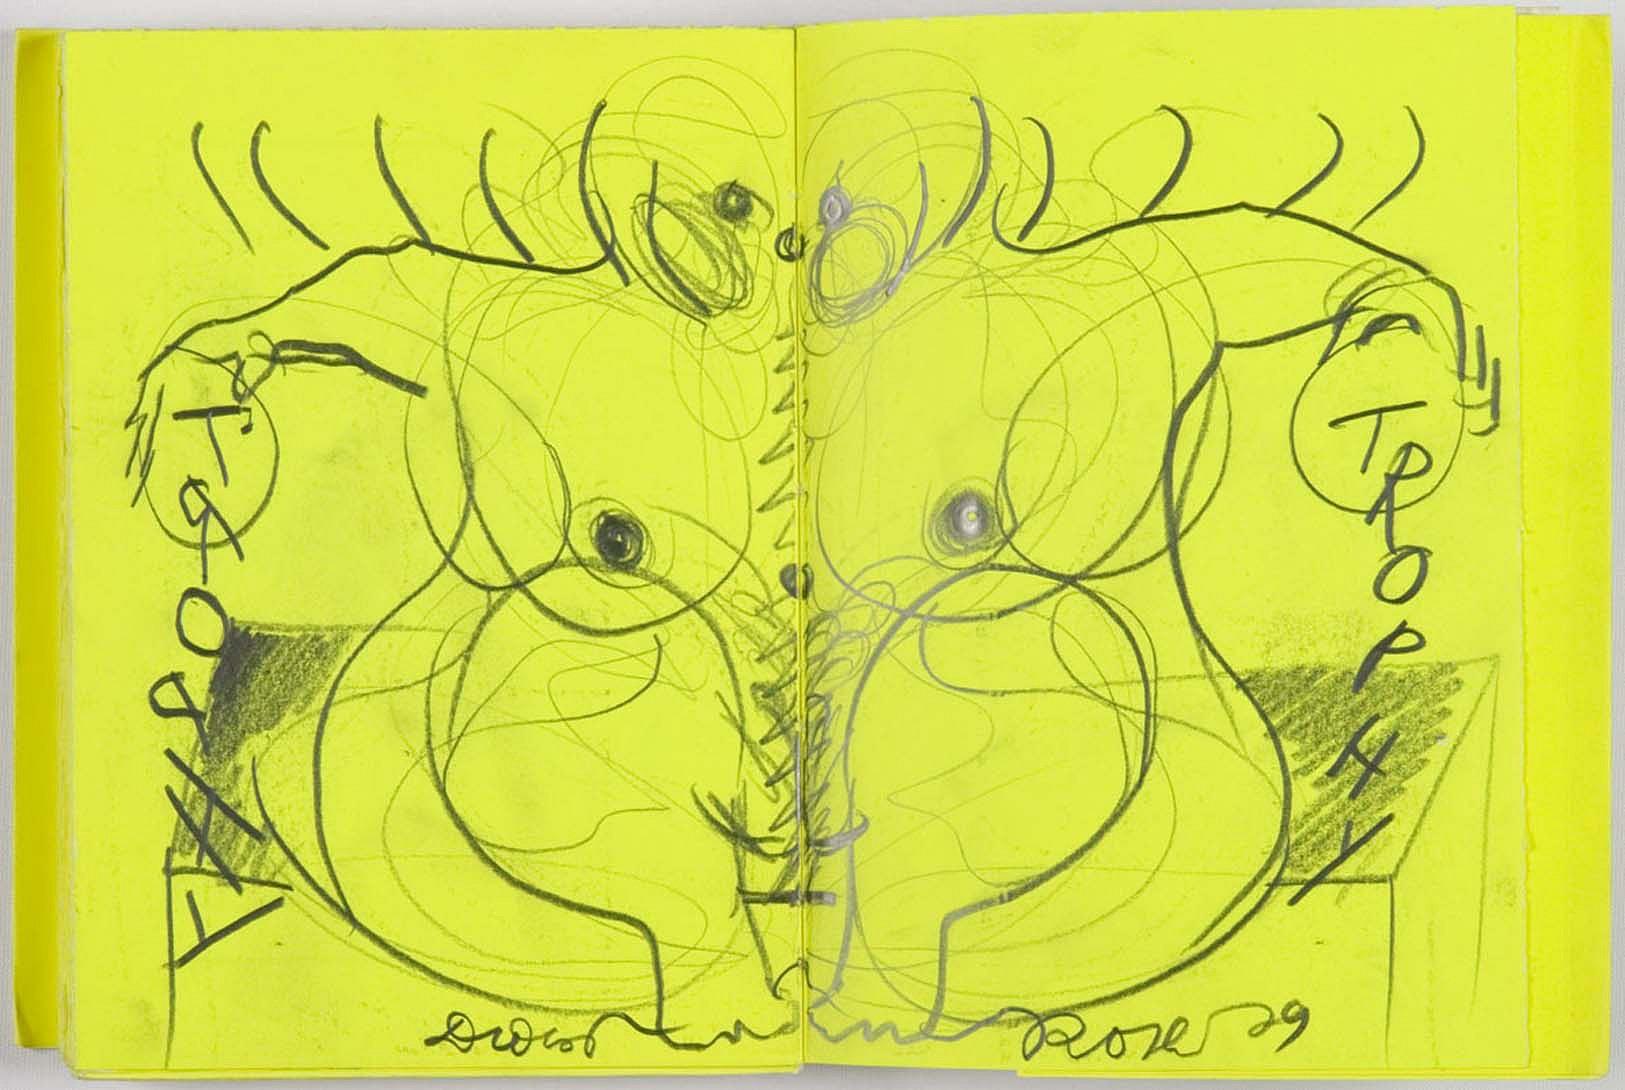 Dieter Roth Drawings Trophies 1979